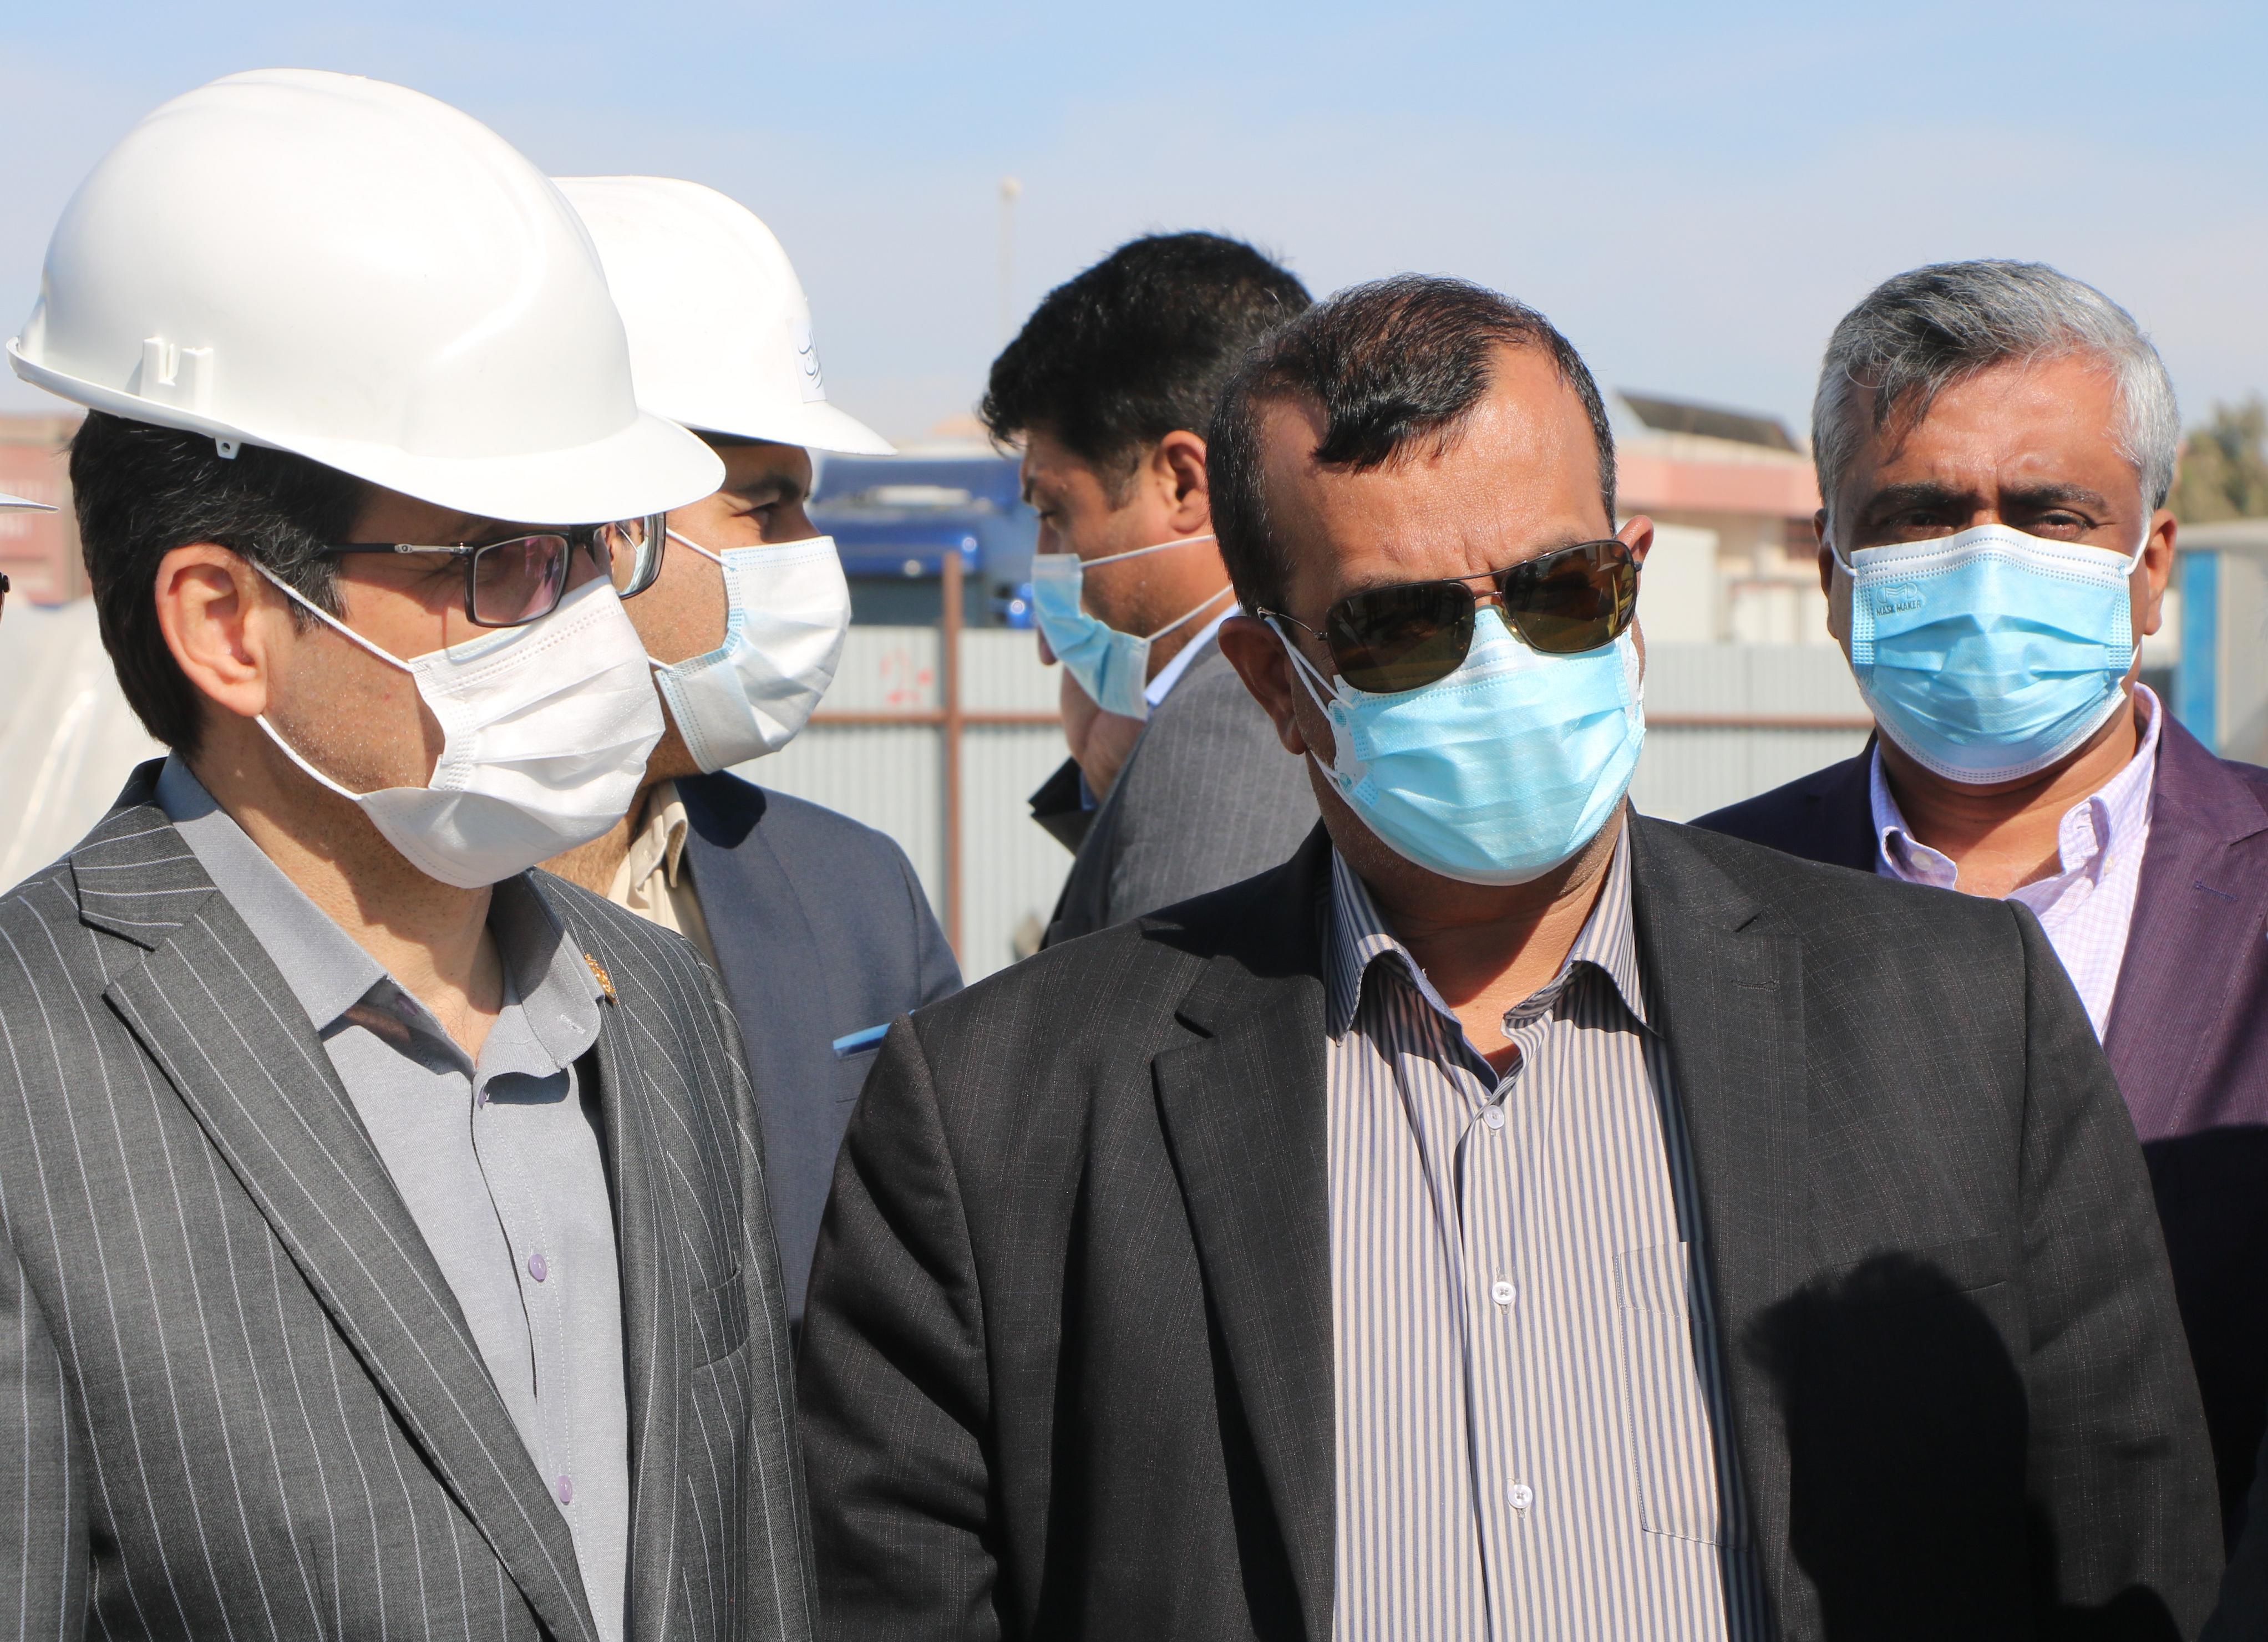 فریاد وامصیبتای احمد جباری نسبت به پرداخت مالیات بنادر هرمزگان در تهران